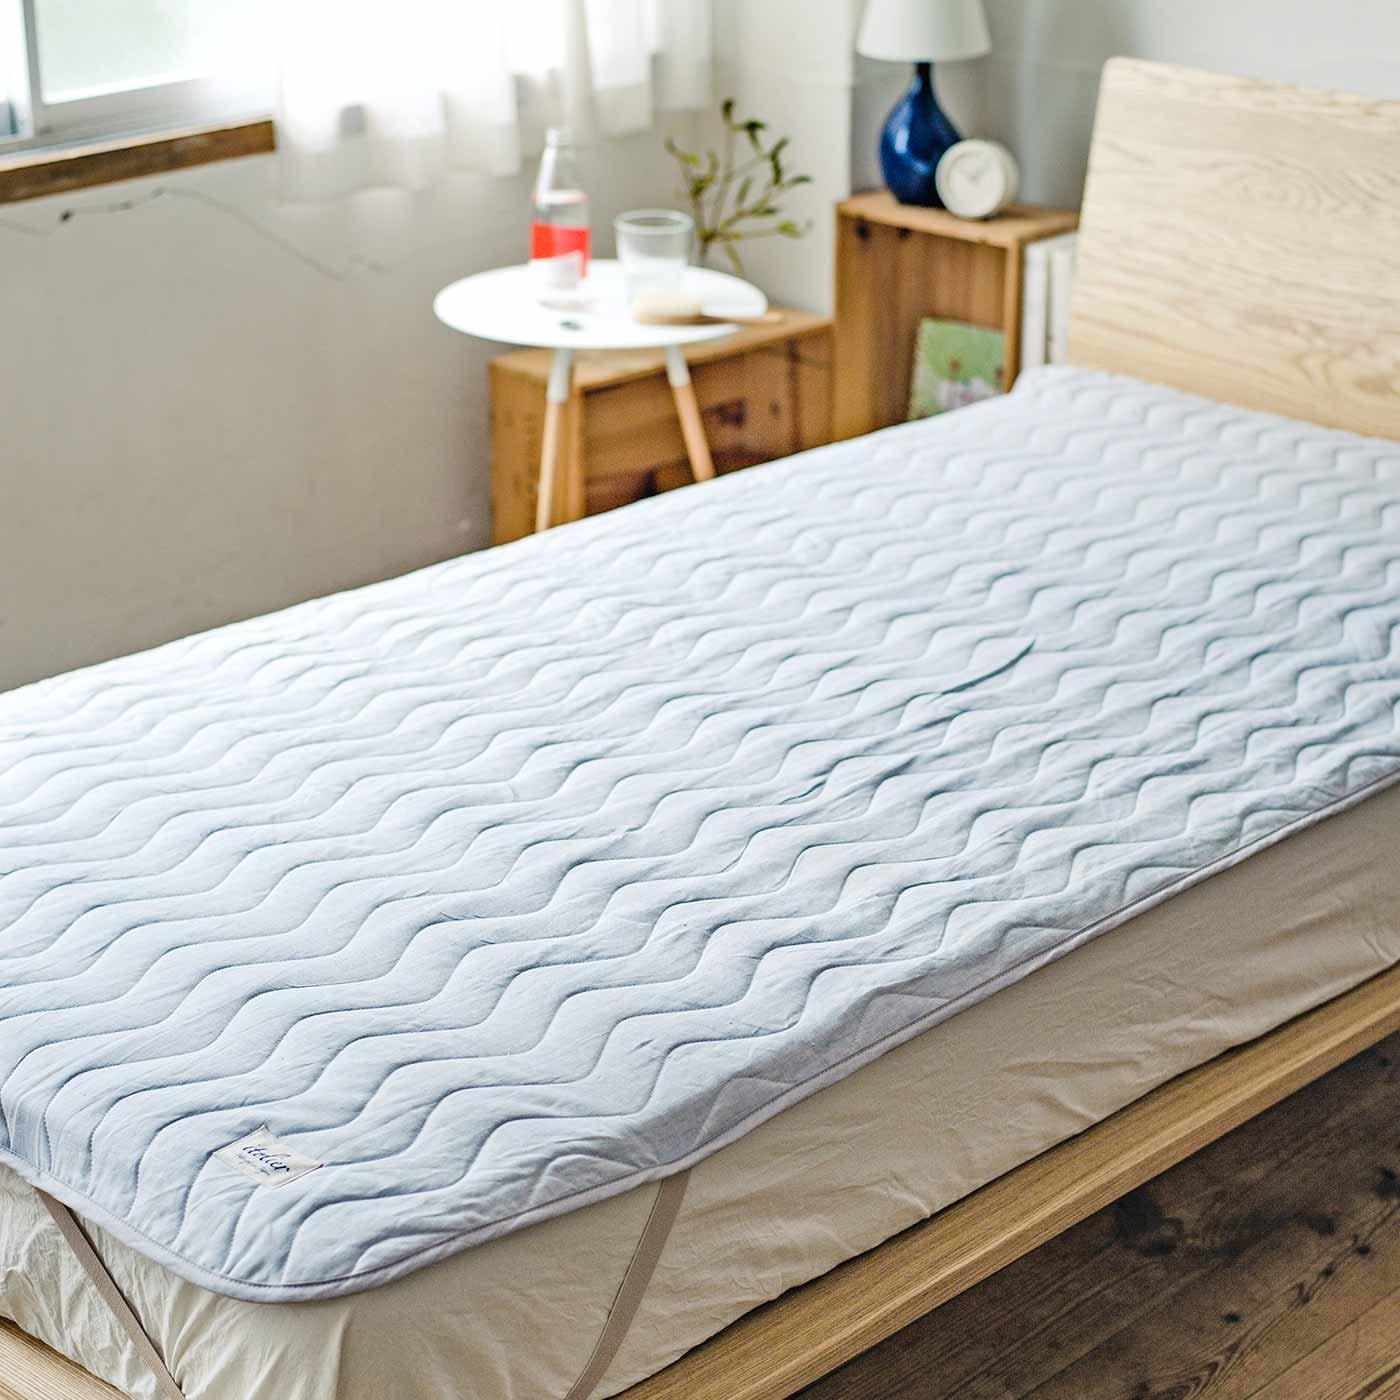 イトリエ ヨーロッパ産上質リネンを織り上げた さらっと肌心地が眠りにいざなうリネン敷きパッド